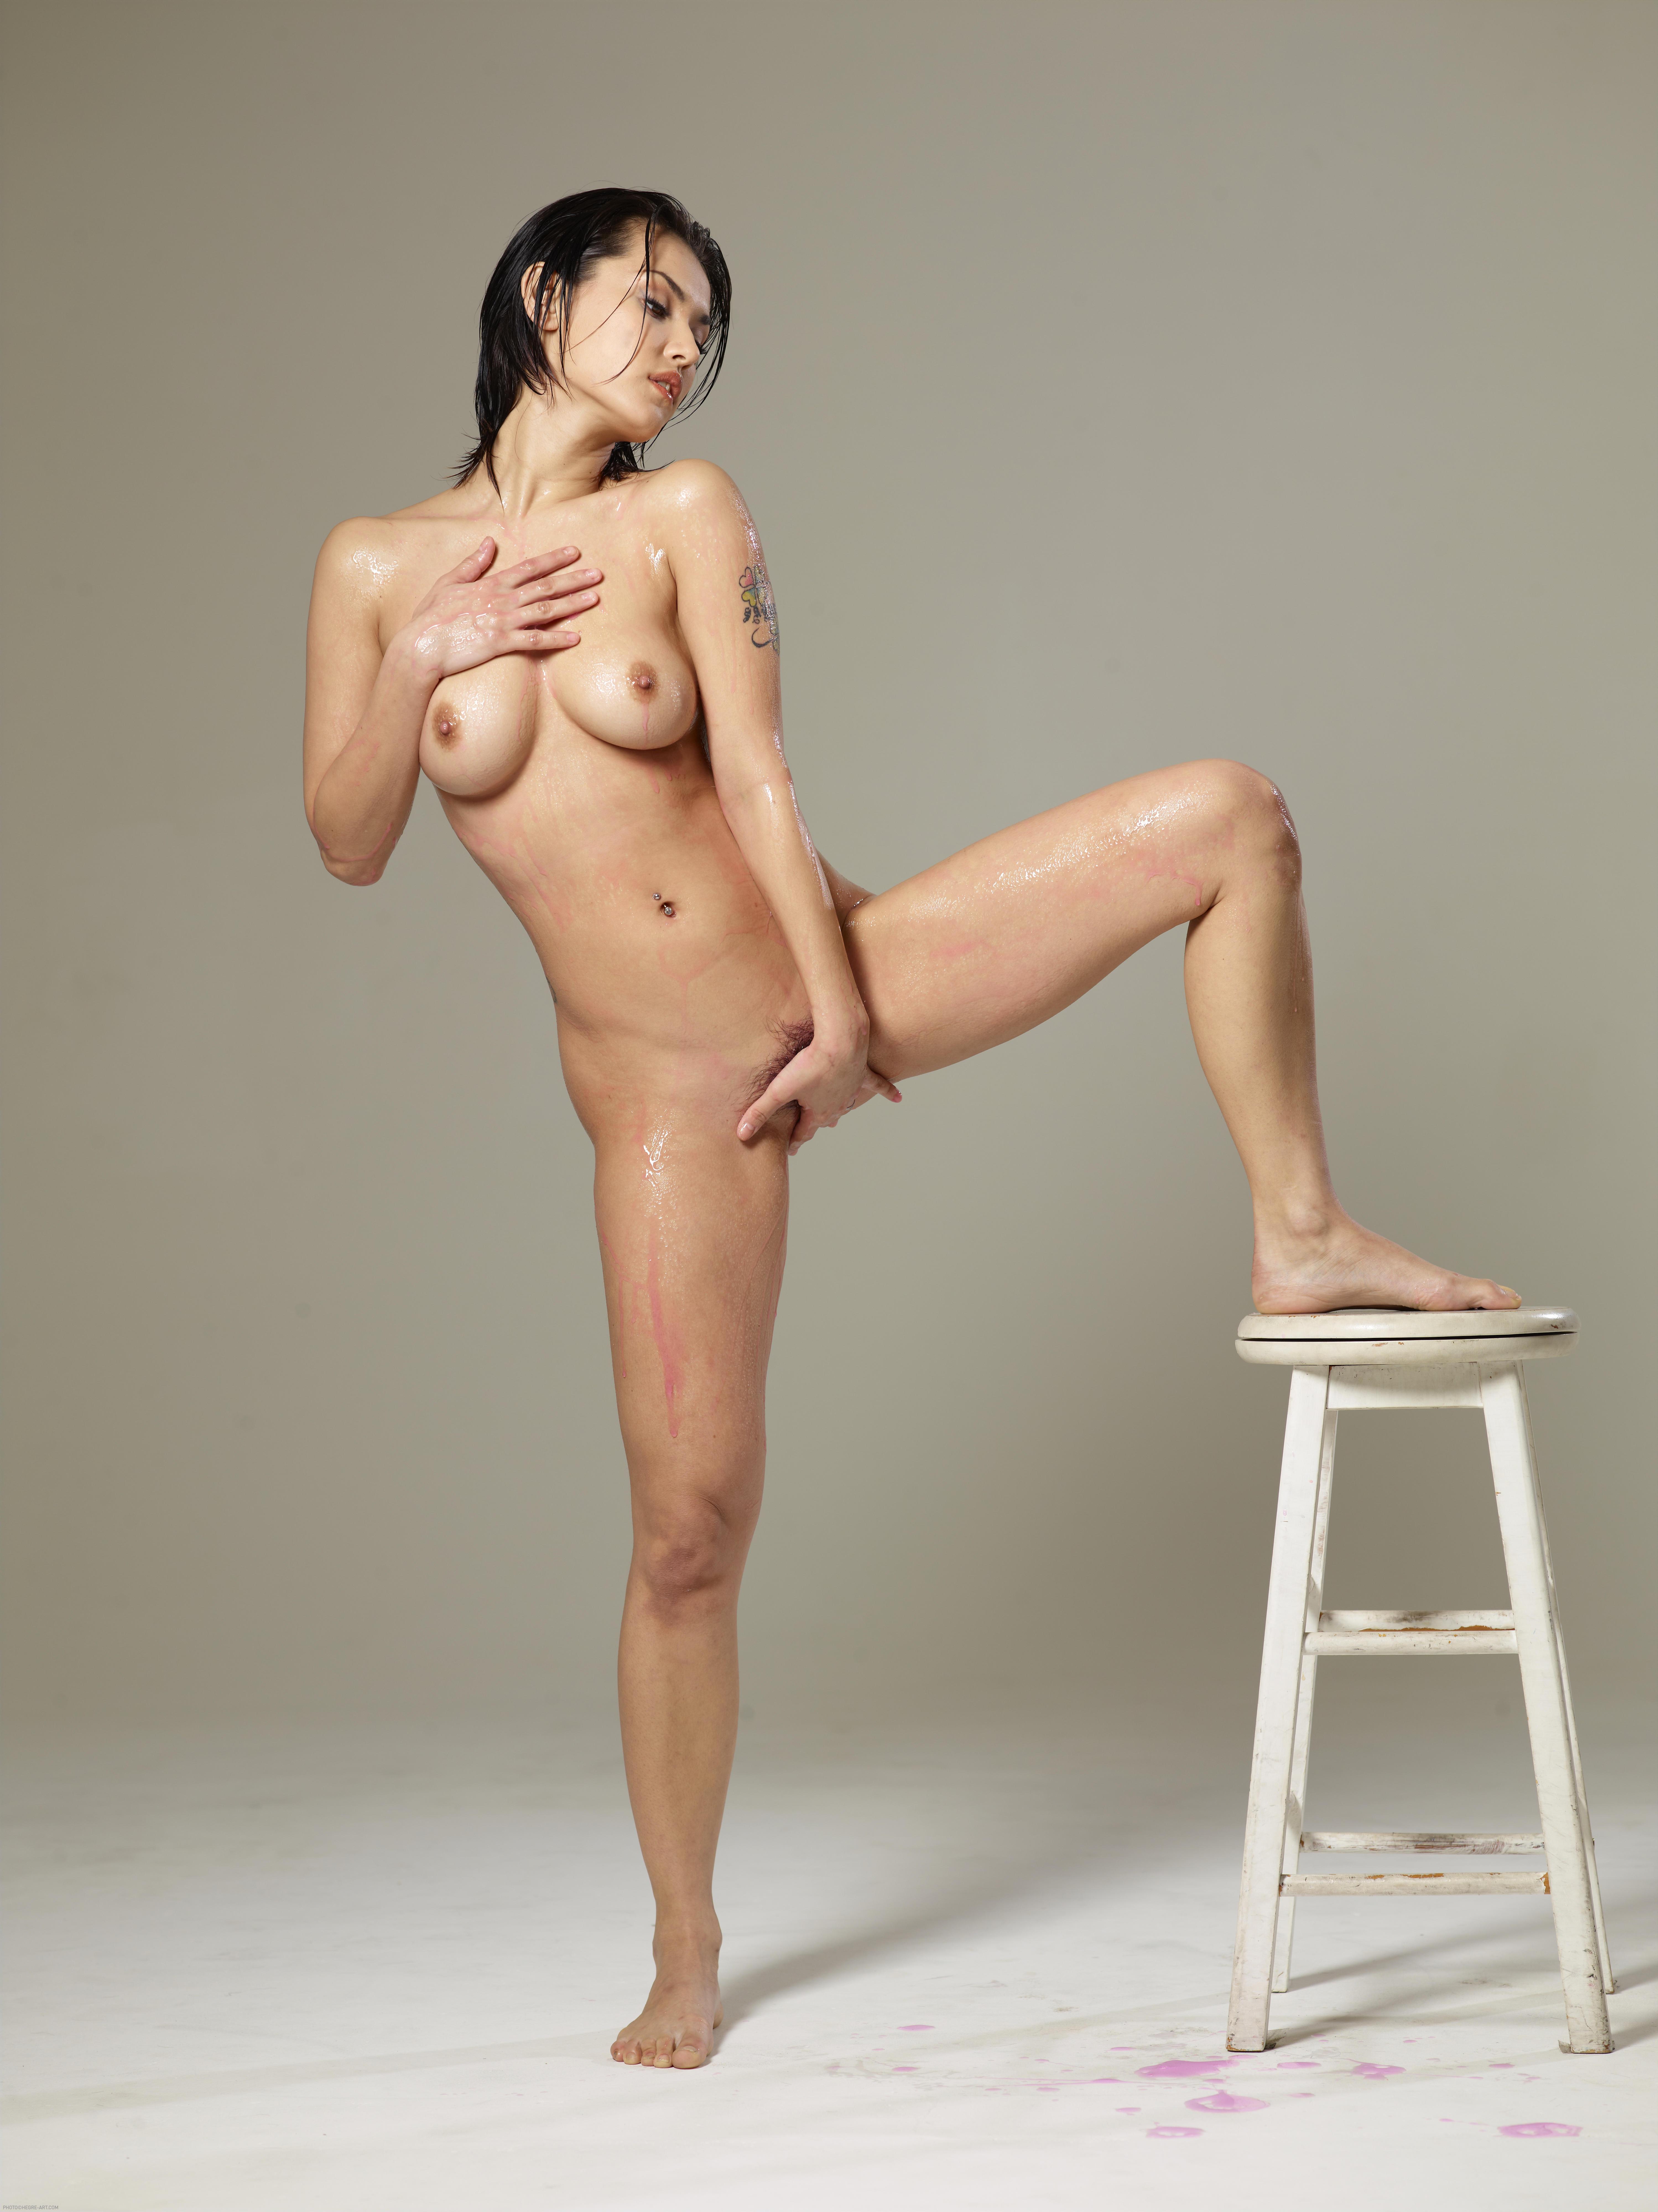 maria ozawa massage